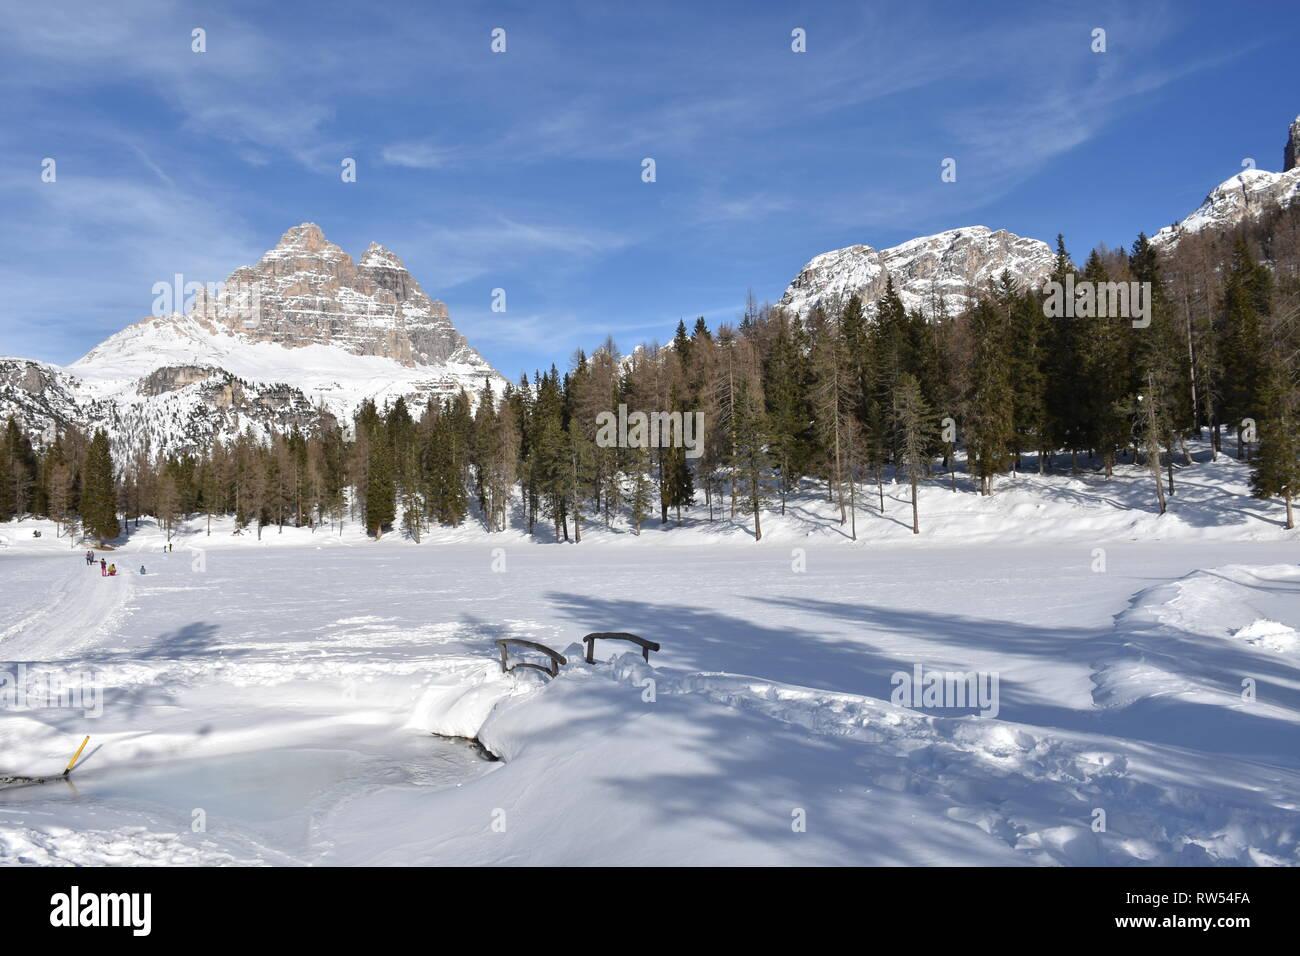 Italien, Dolomiten, Drei Zinnen, Monte Piano, Zinnen, Winter, Fels, Eis, Schnee, See, Monte Cristallo, Cima Cadin di San Lucano, 3 Cime, 3 Cime di Lav - Stock Image